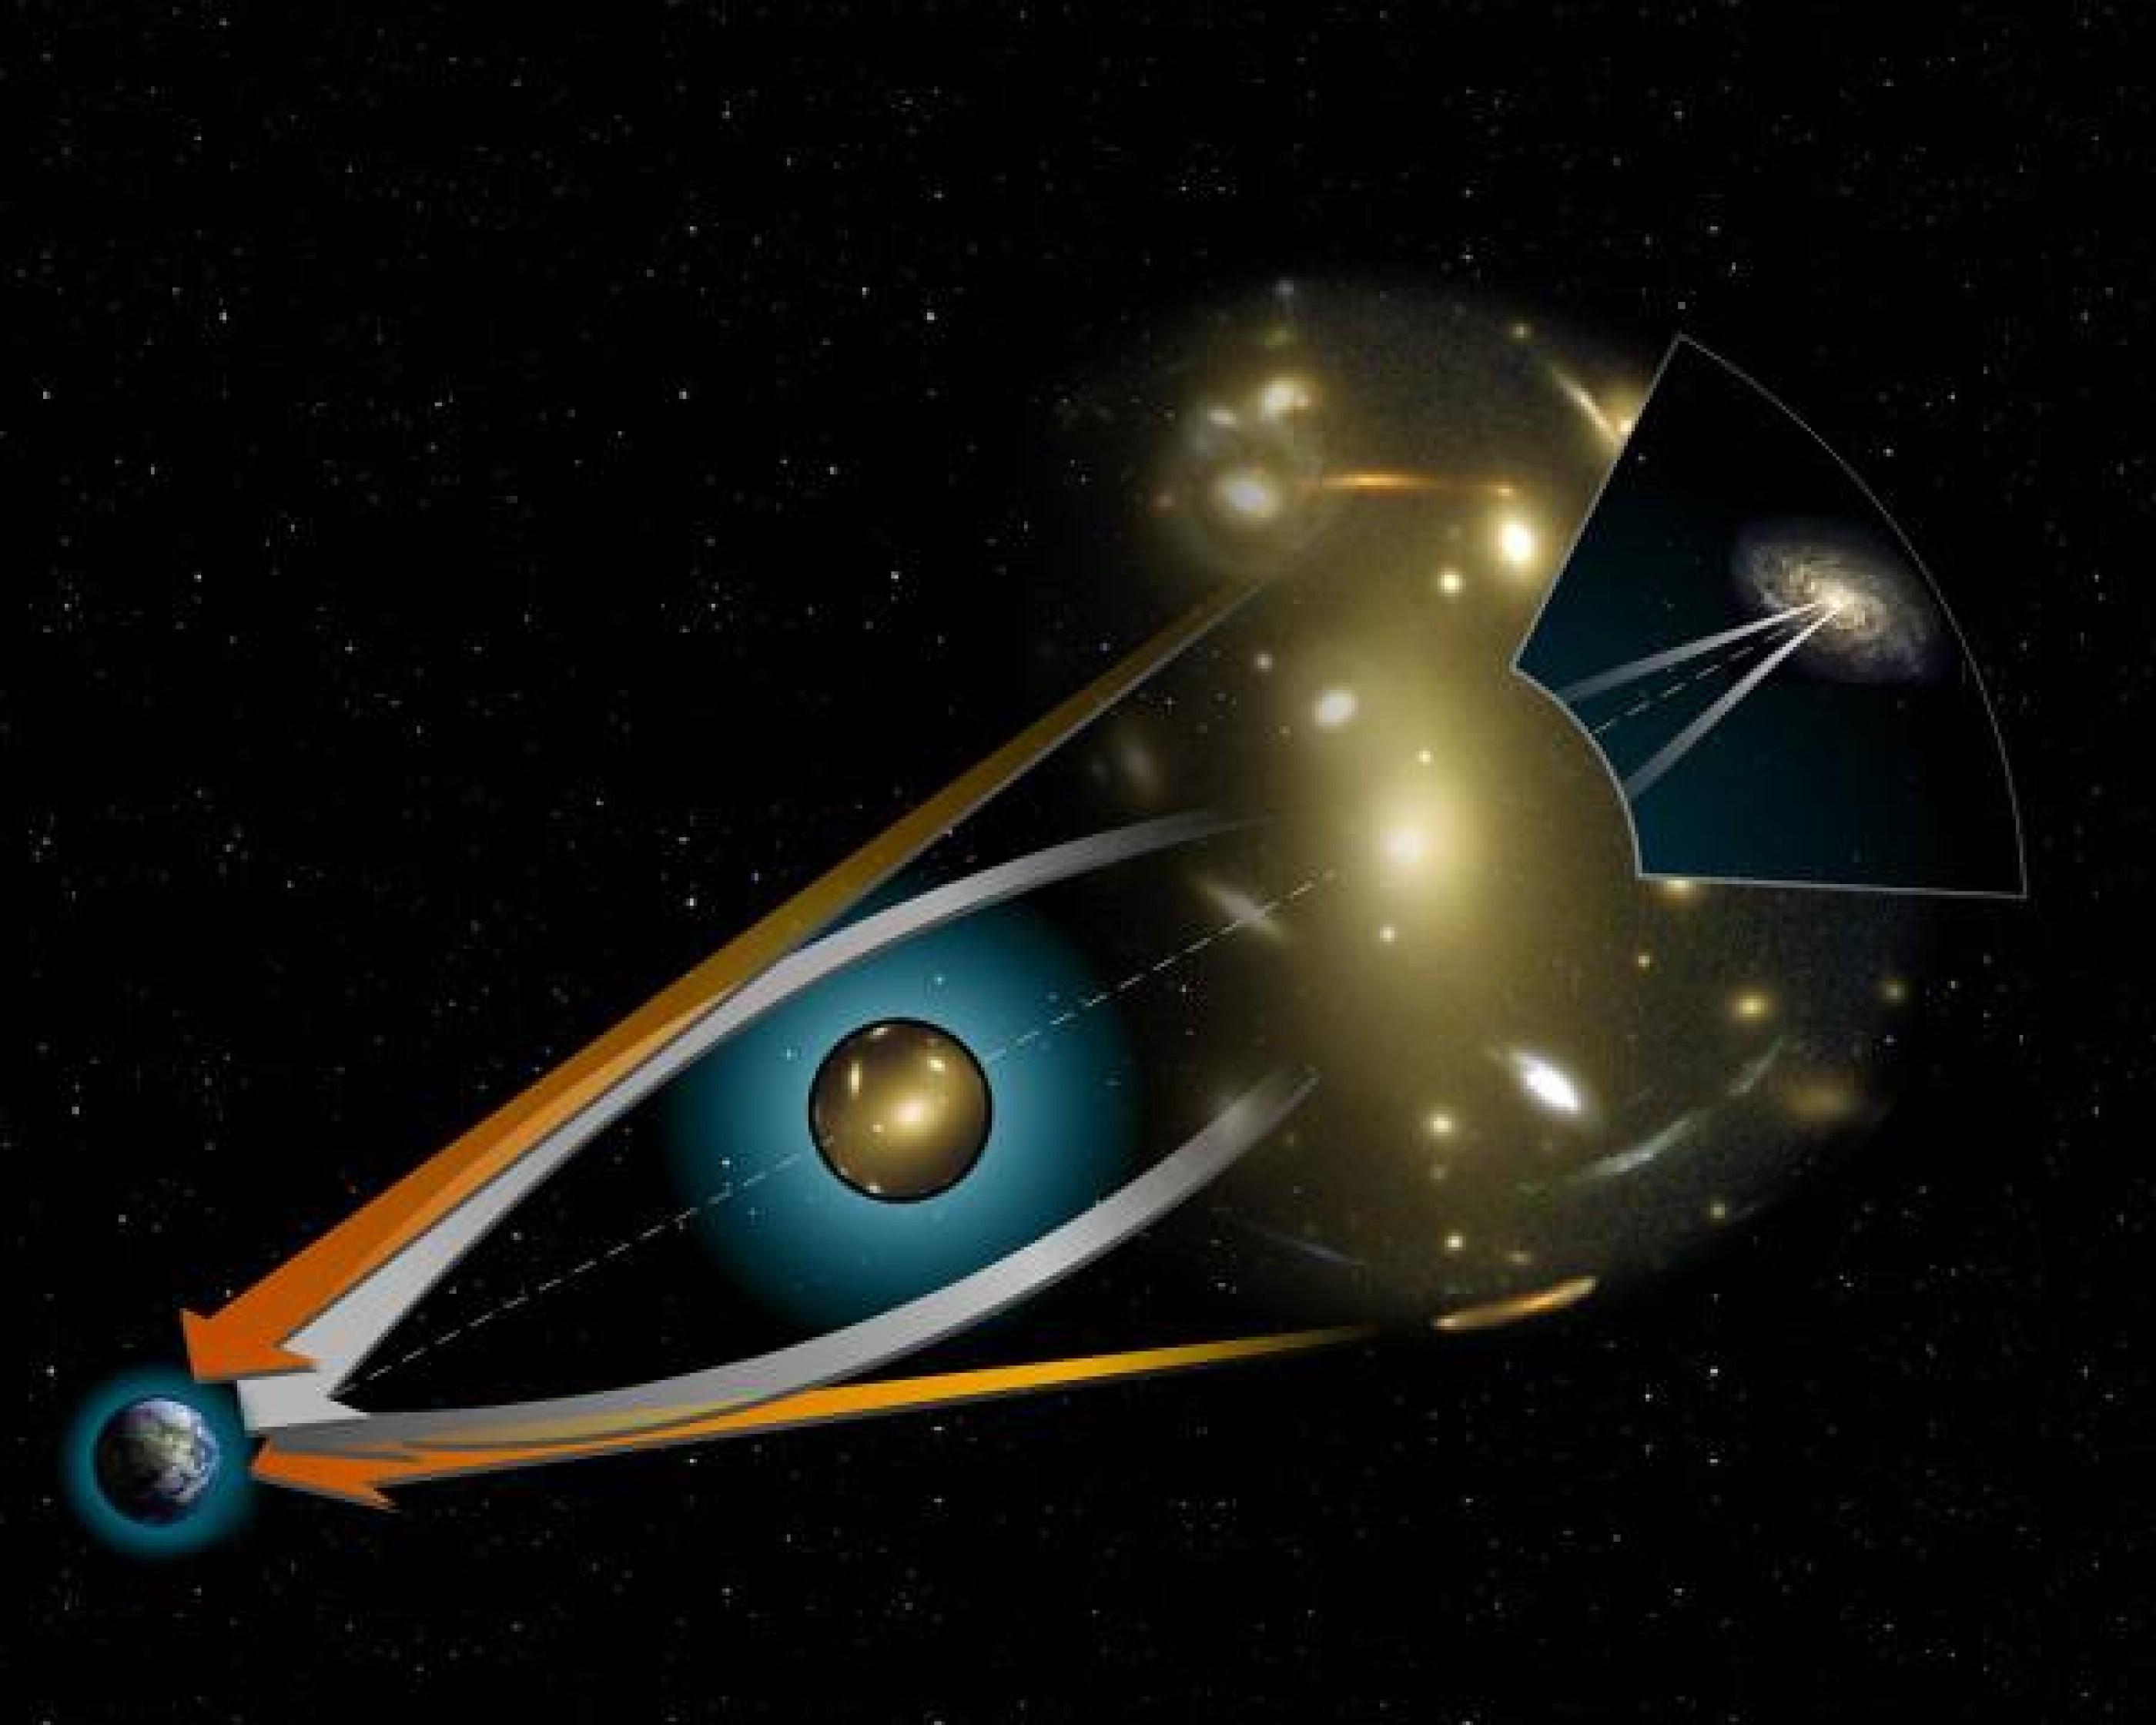 奇妙的引力透镜效应,让你看见真实的时空弯曲,这个证据靠谱吗?